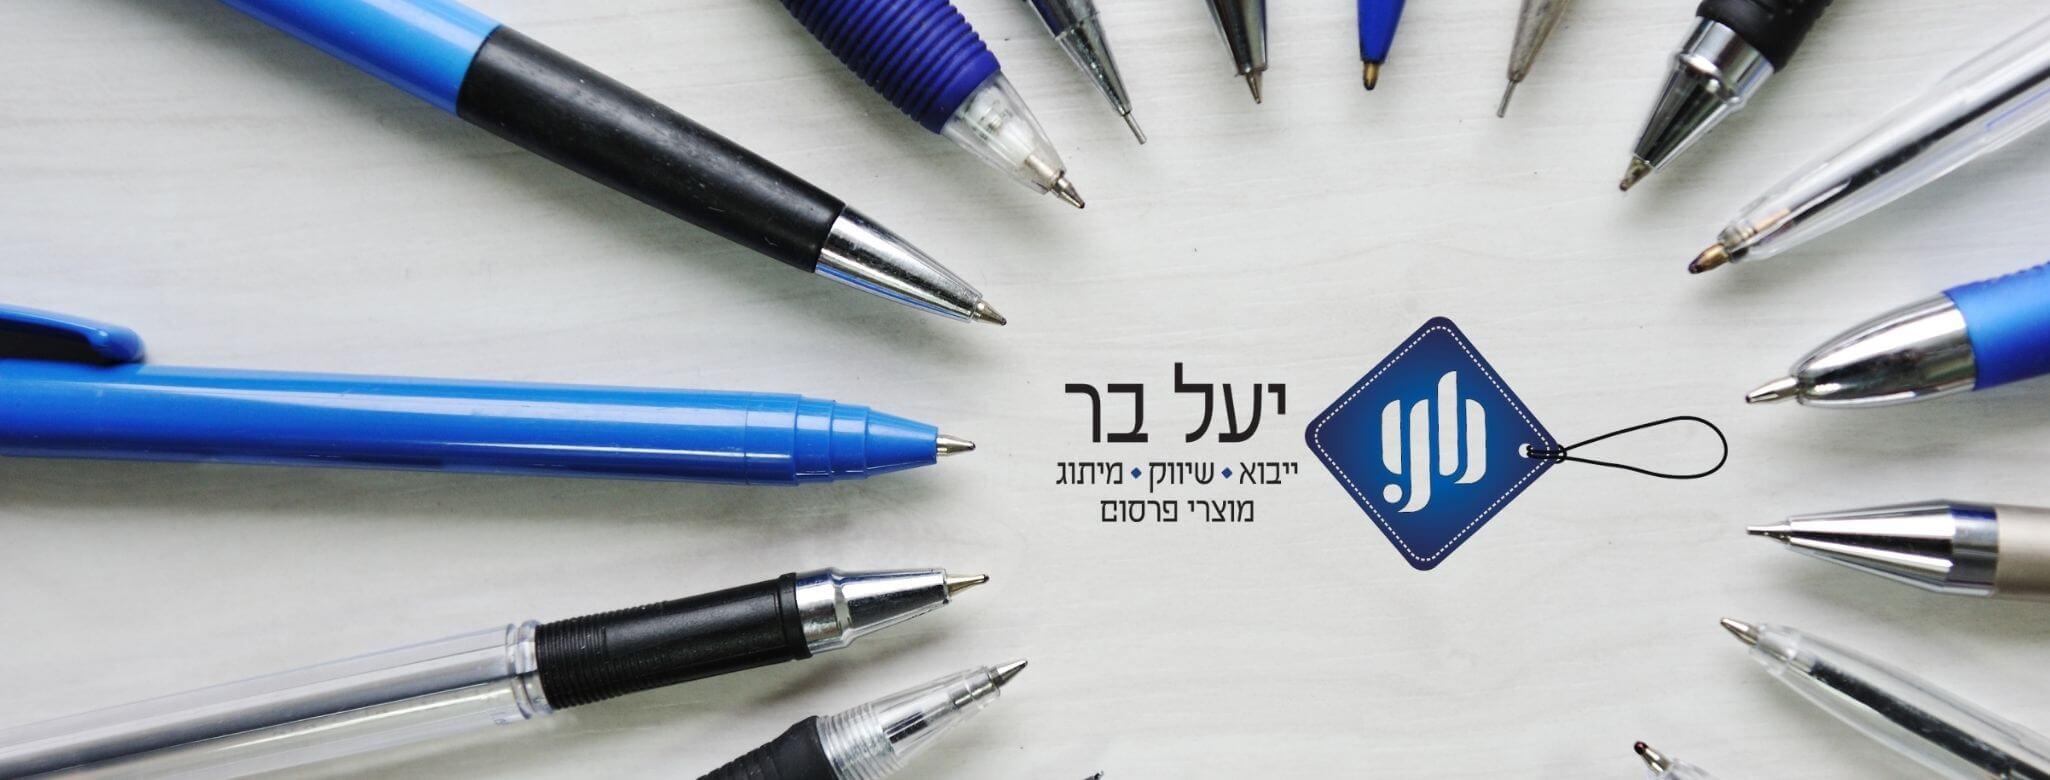 באנר עליון עטים ממותגים - יעל בר